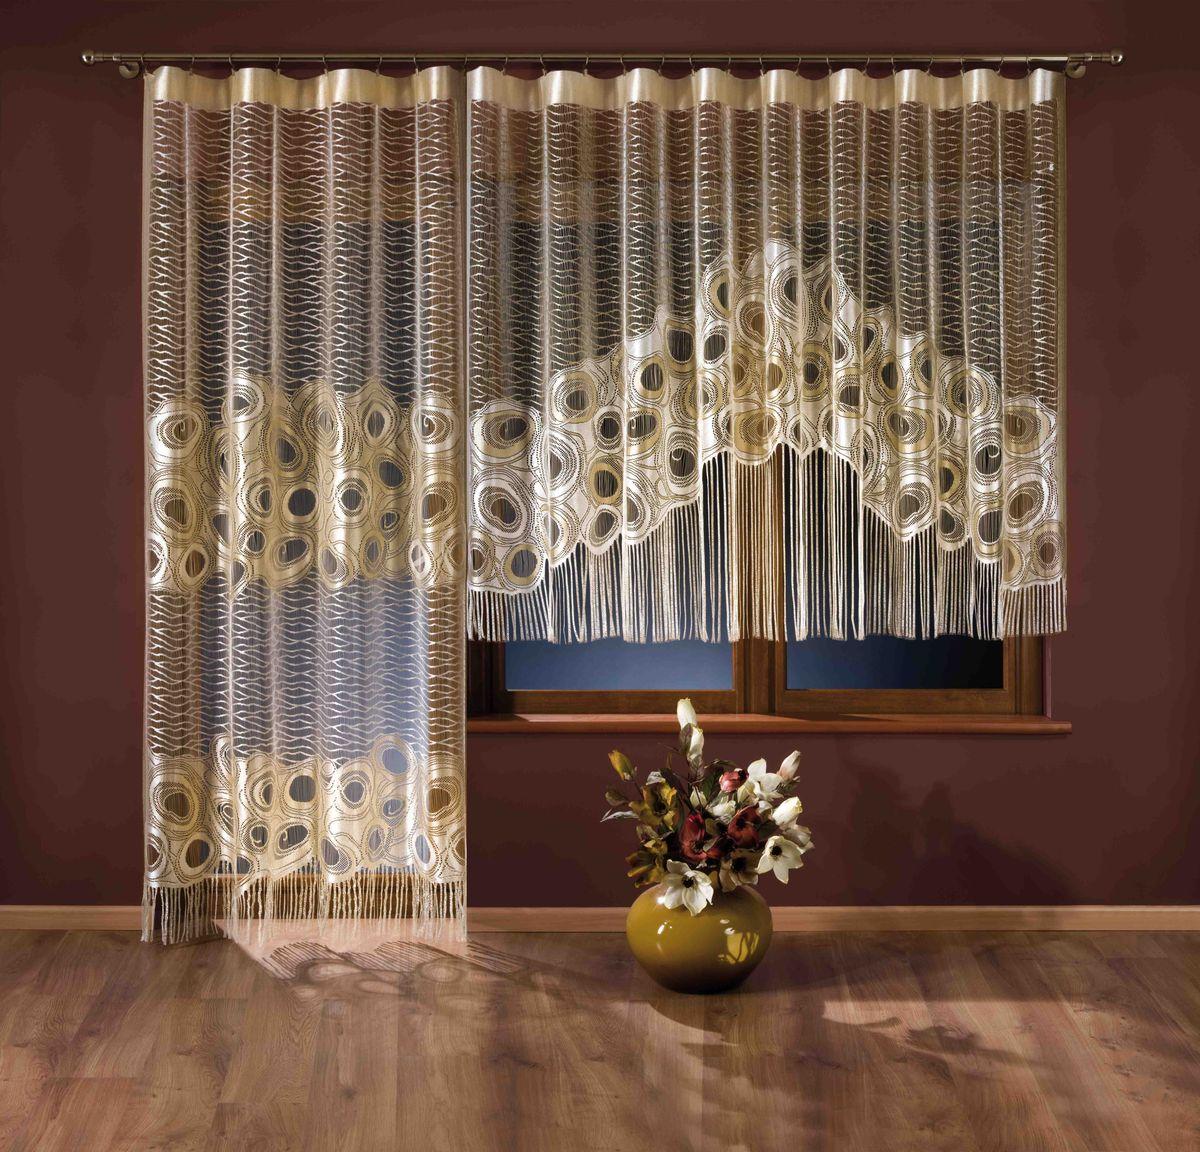 Комплект штор Wisan, цвет: кремовый, высота 300, 150 см комплект штор wisan цвет коричневый высота 250 см 030w